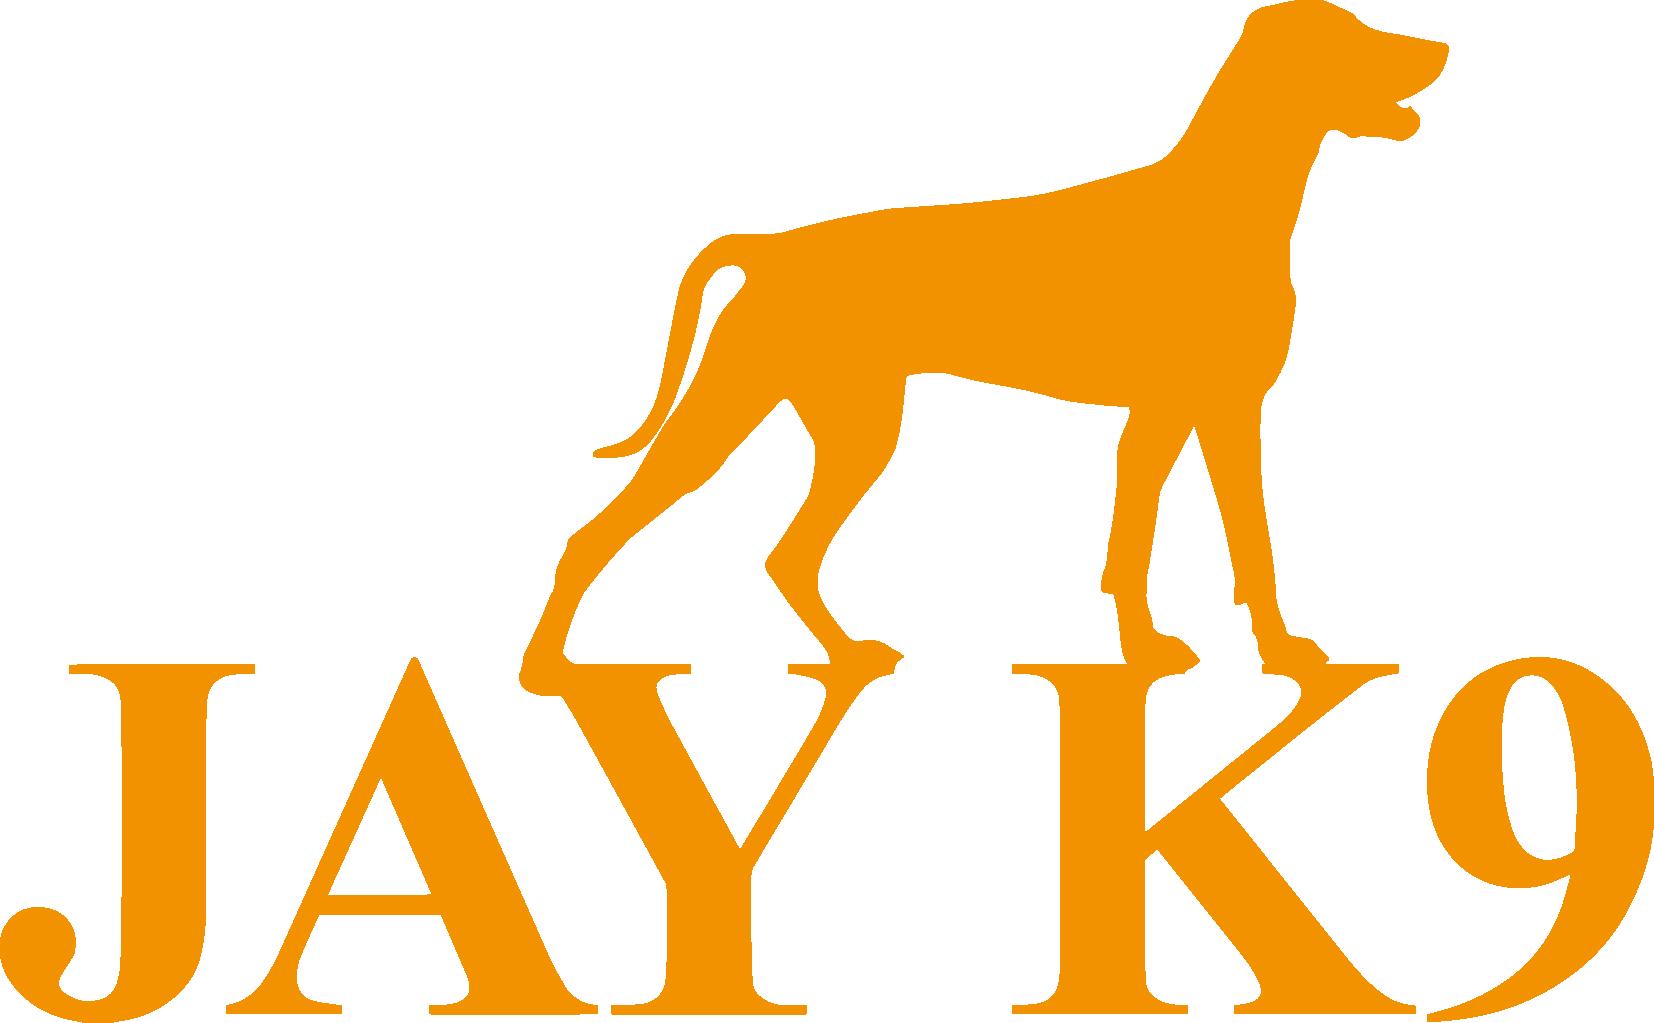 Jay K9